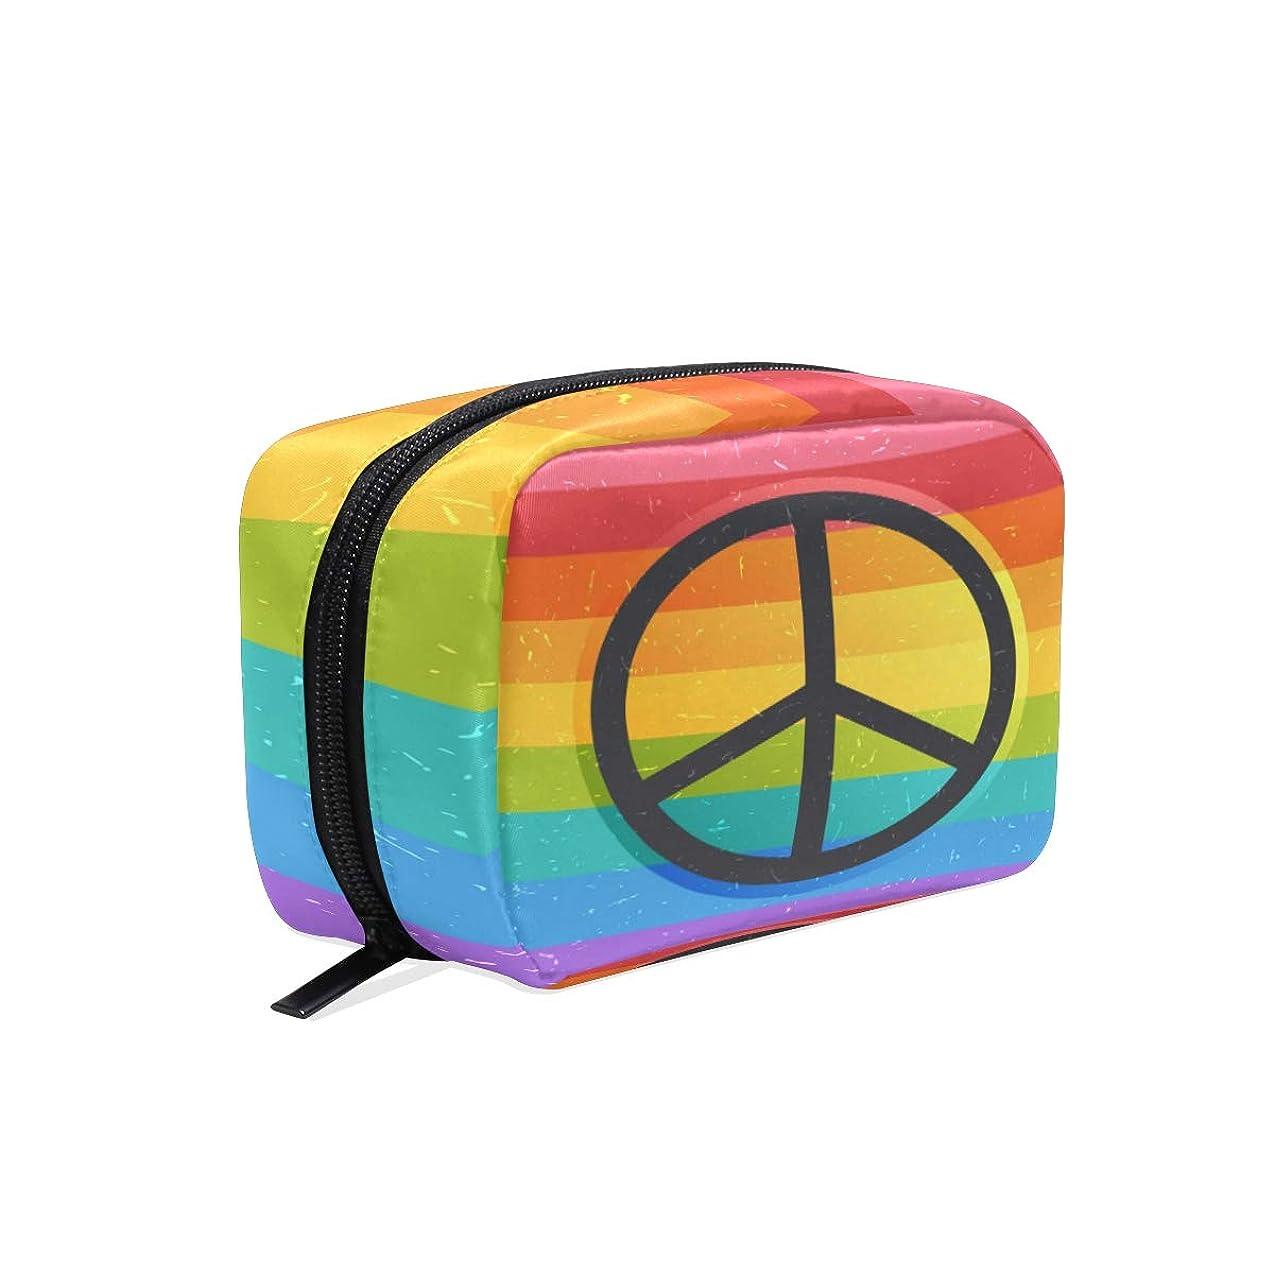 無意識到着前にUOOYA おしゃれ 化粧ポーチ ピースサイン 平和 虹柄 Peace Sign 軽量 持ち歩き メイクポーチ 人気 小物入れ 収納バッグ 通学 通勤 旅行用 プレゼント用